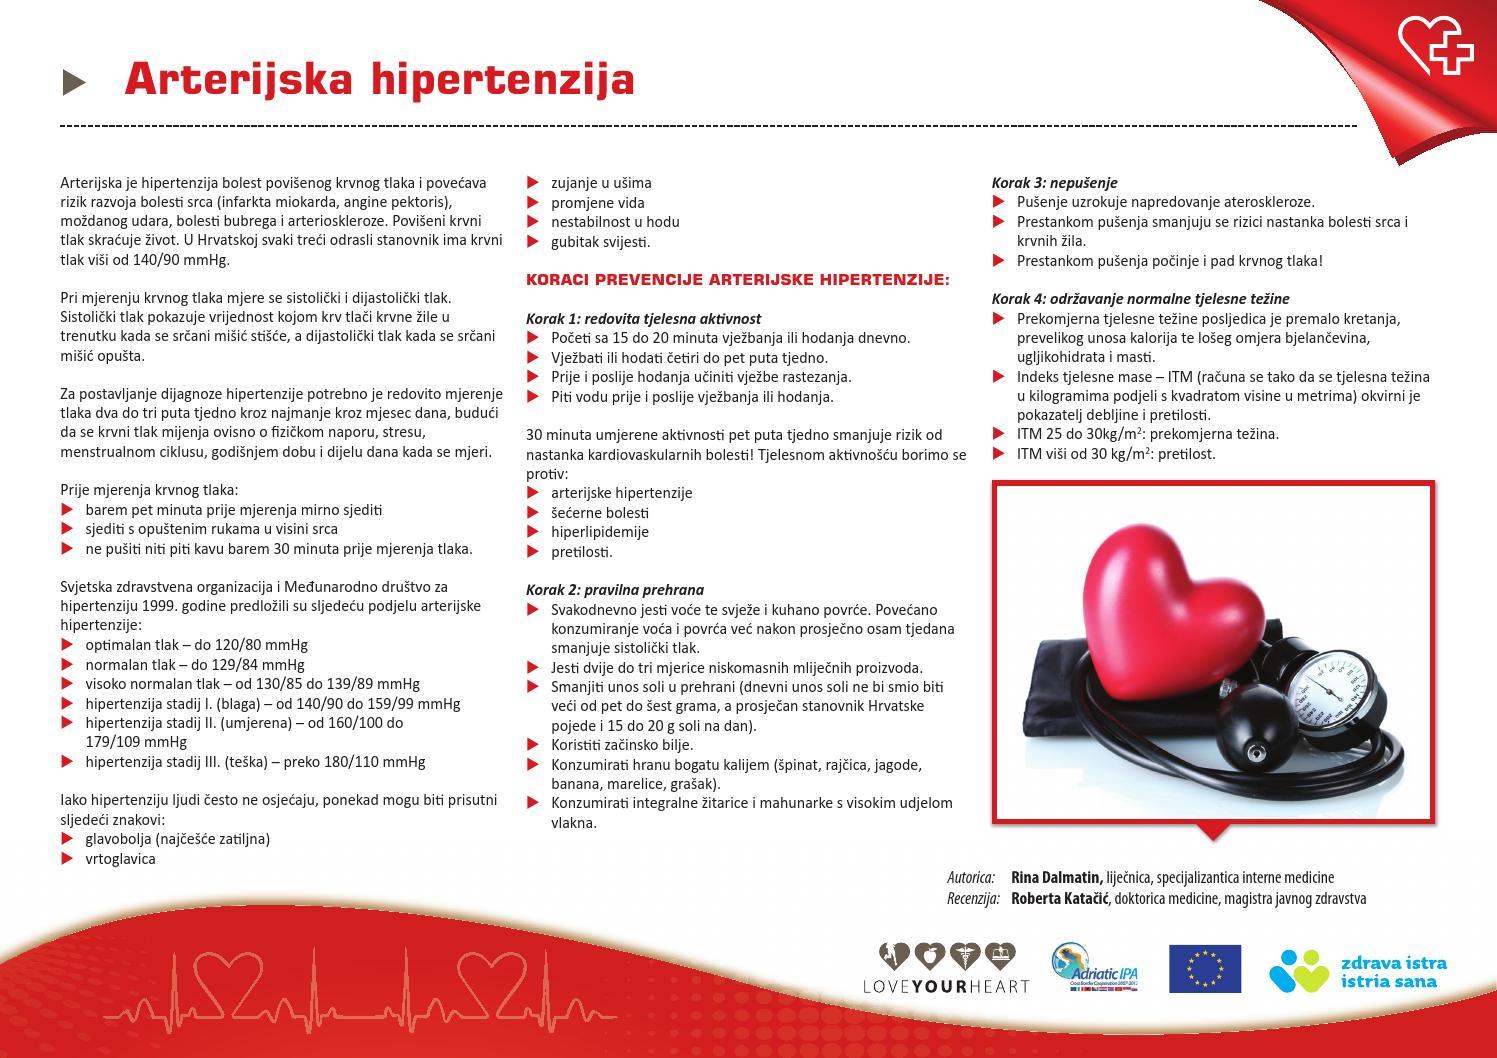 vježba protiv hipertenzije hipertenzija i magnetske narukvice